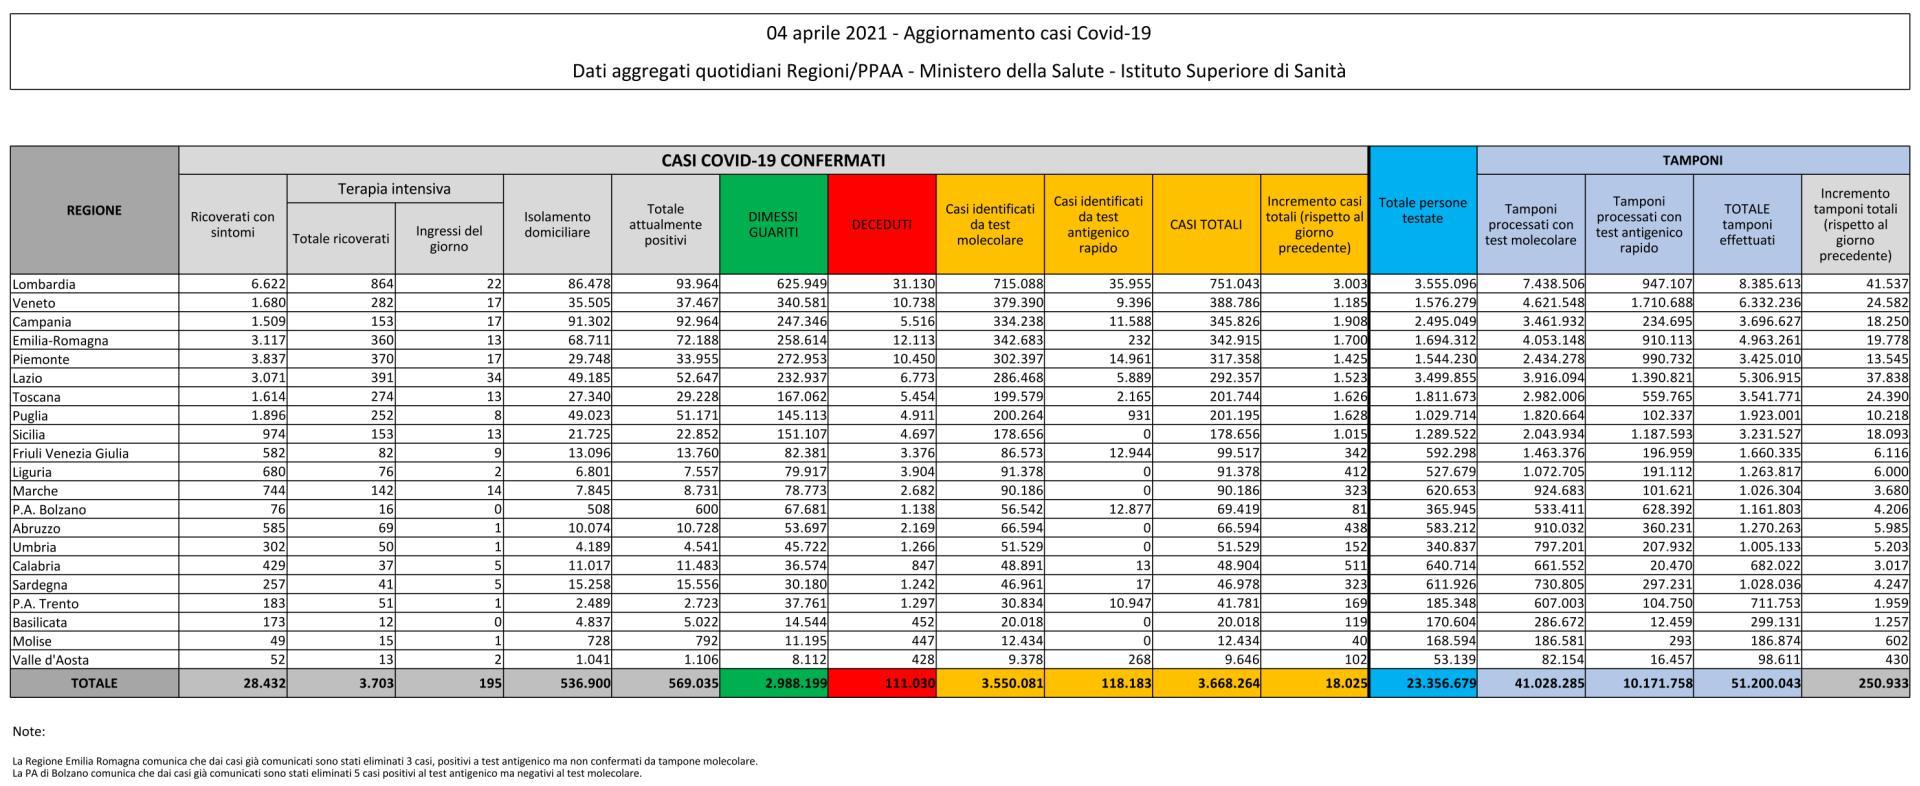 4 aprile 2021 - Aggiornamento casi Covid-19 Dati aggregati quotidiani Regioni/PPAA - Ministero della Salute - Istituto Superiore di Sanità